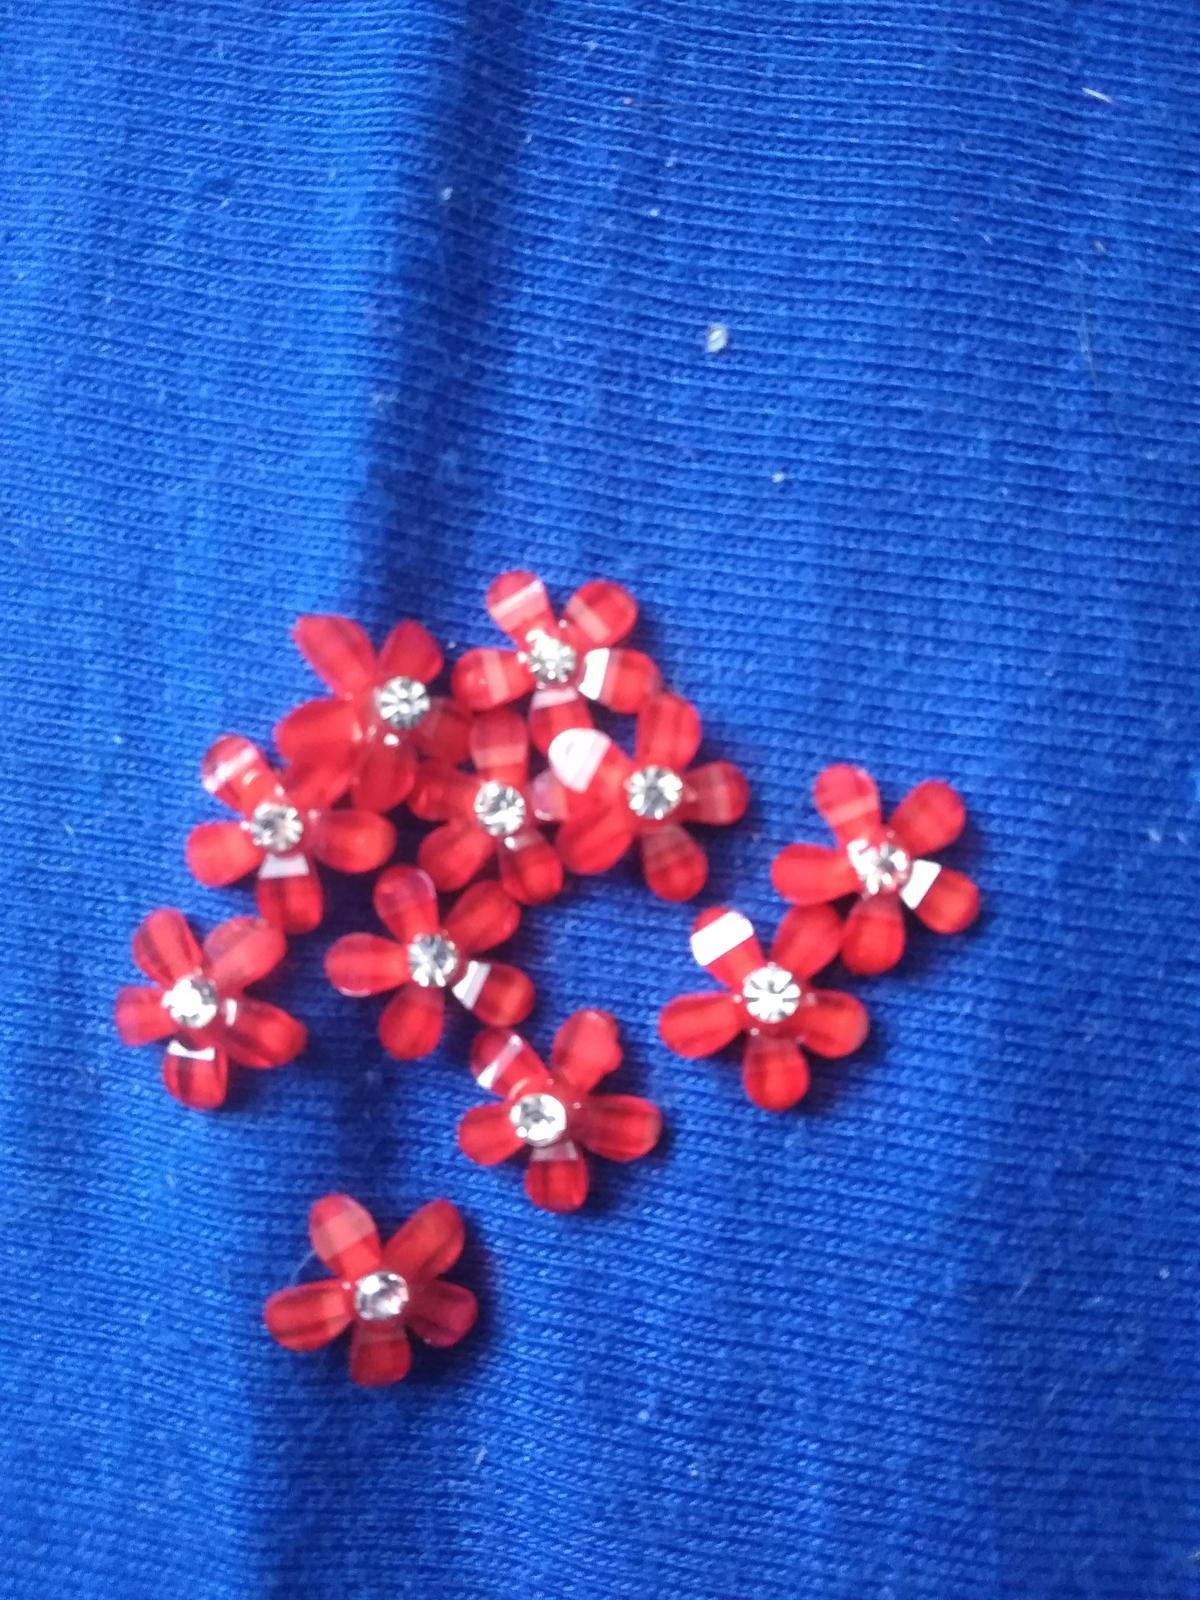 Červené kytičky  - Obrázek č. 1